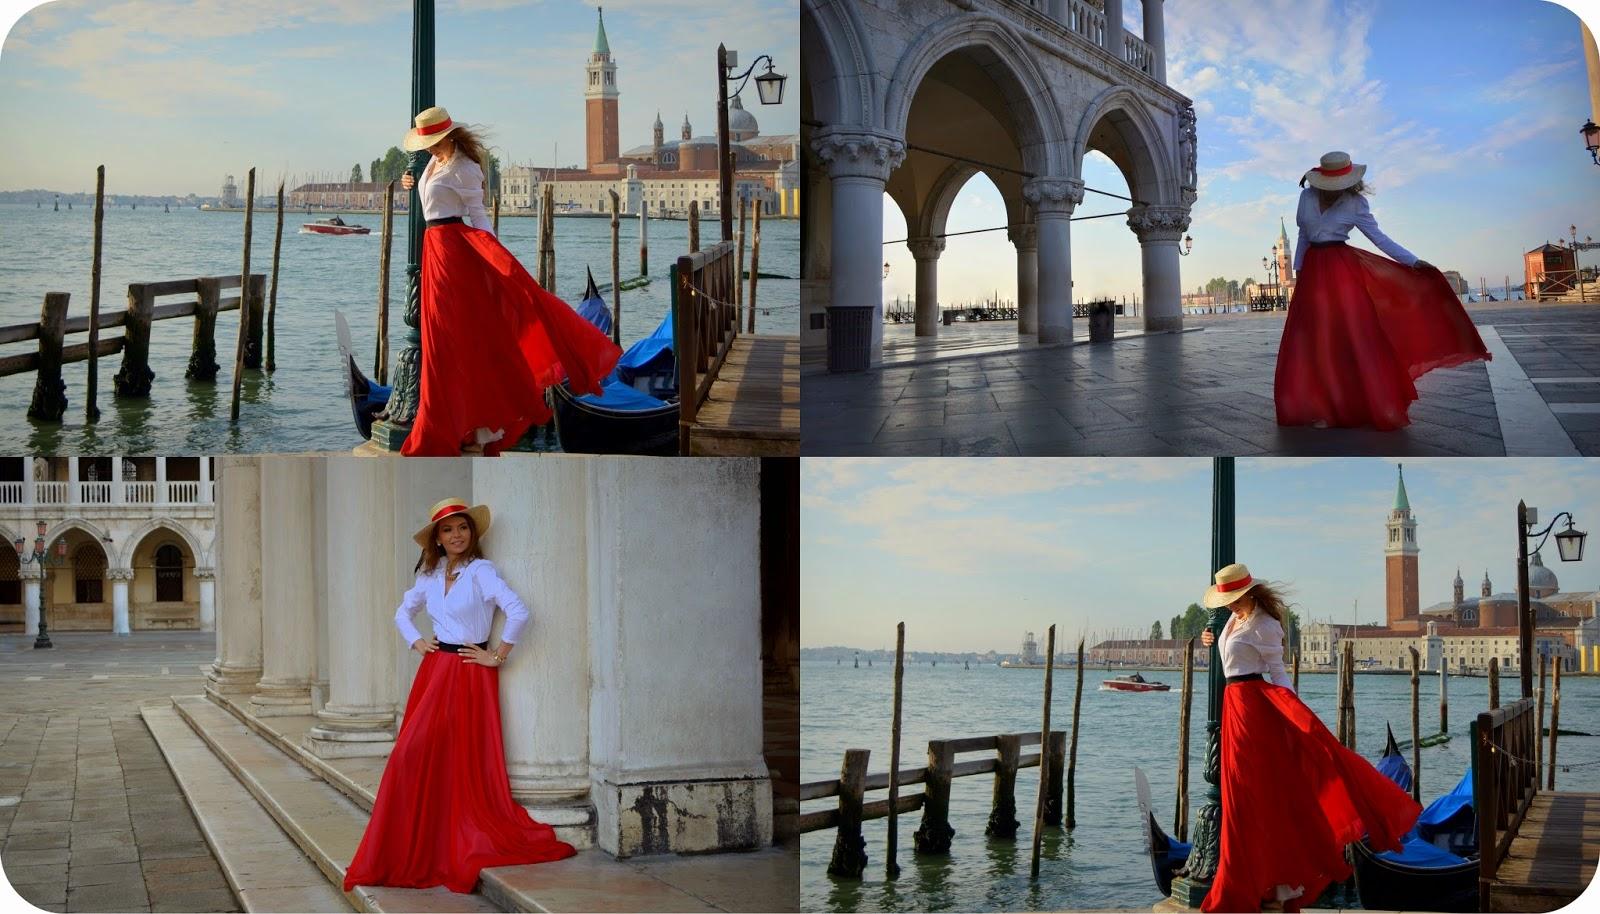 фотосъемка в венеции образ венецианки